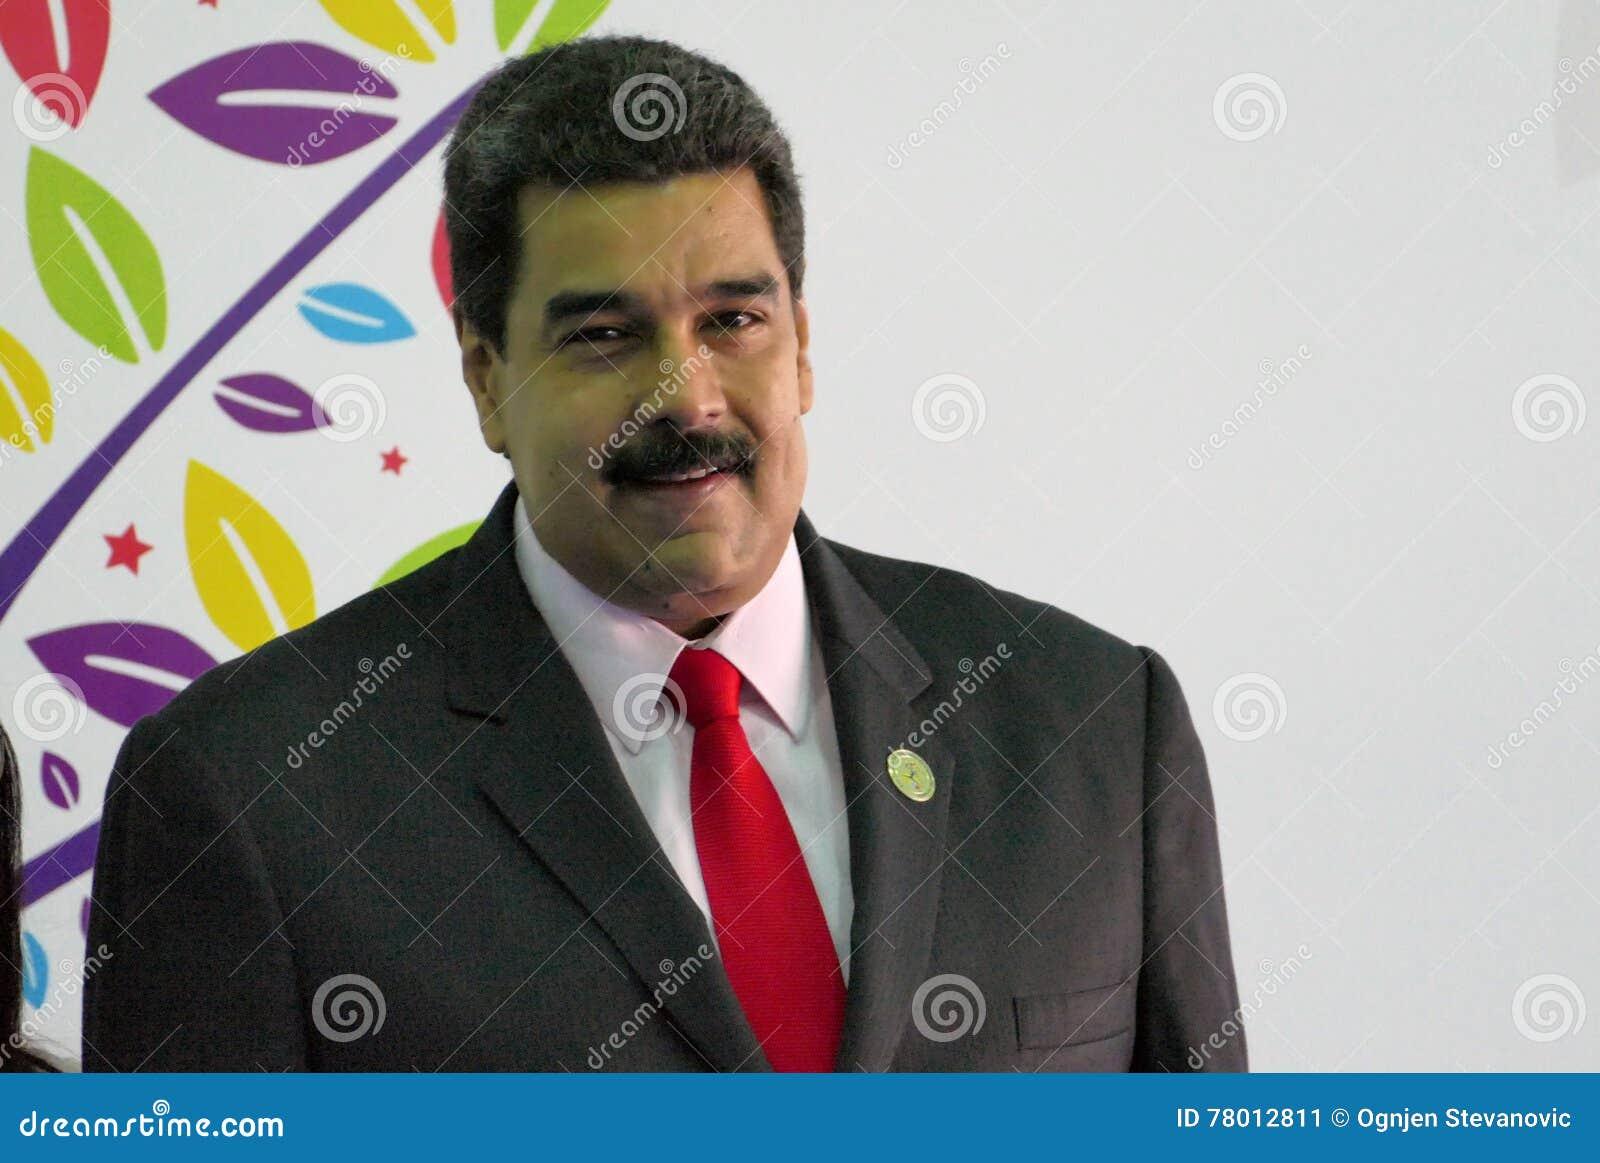 委内瑞拉总统尼古拉斯・马杜罗